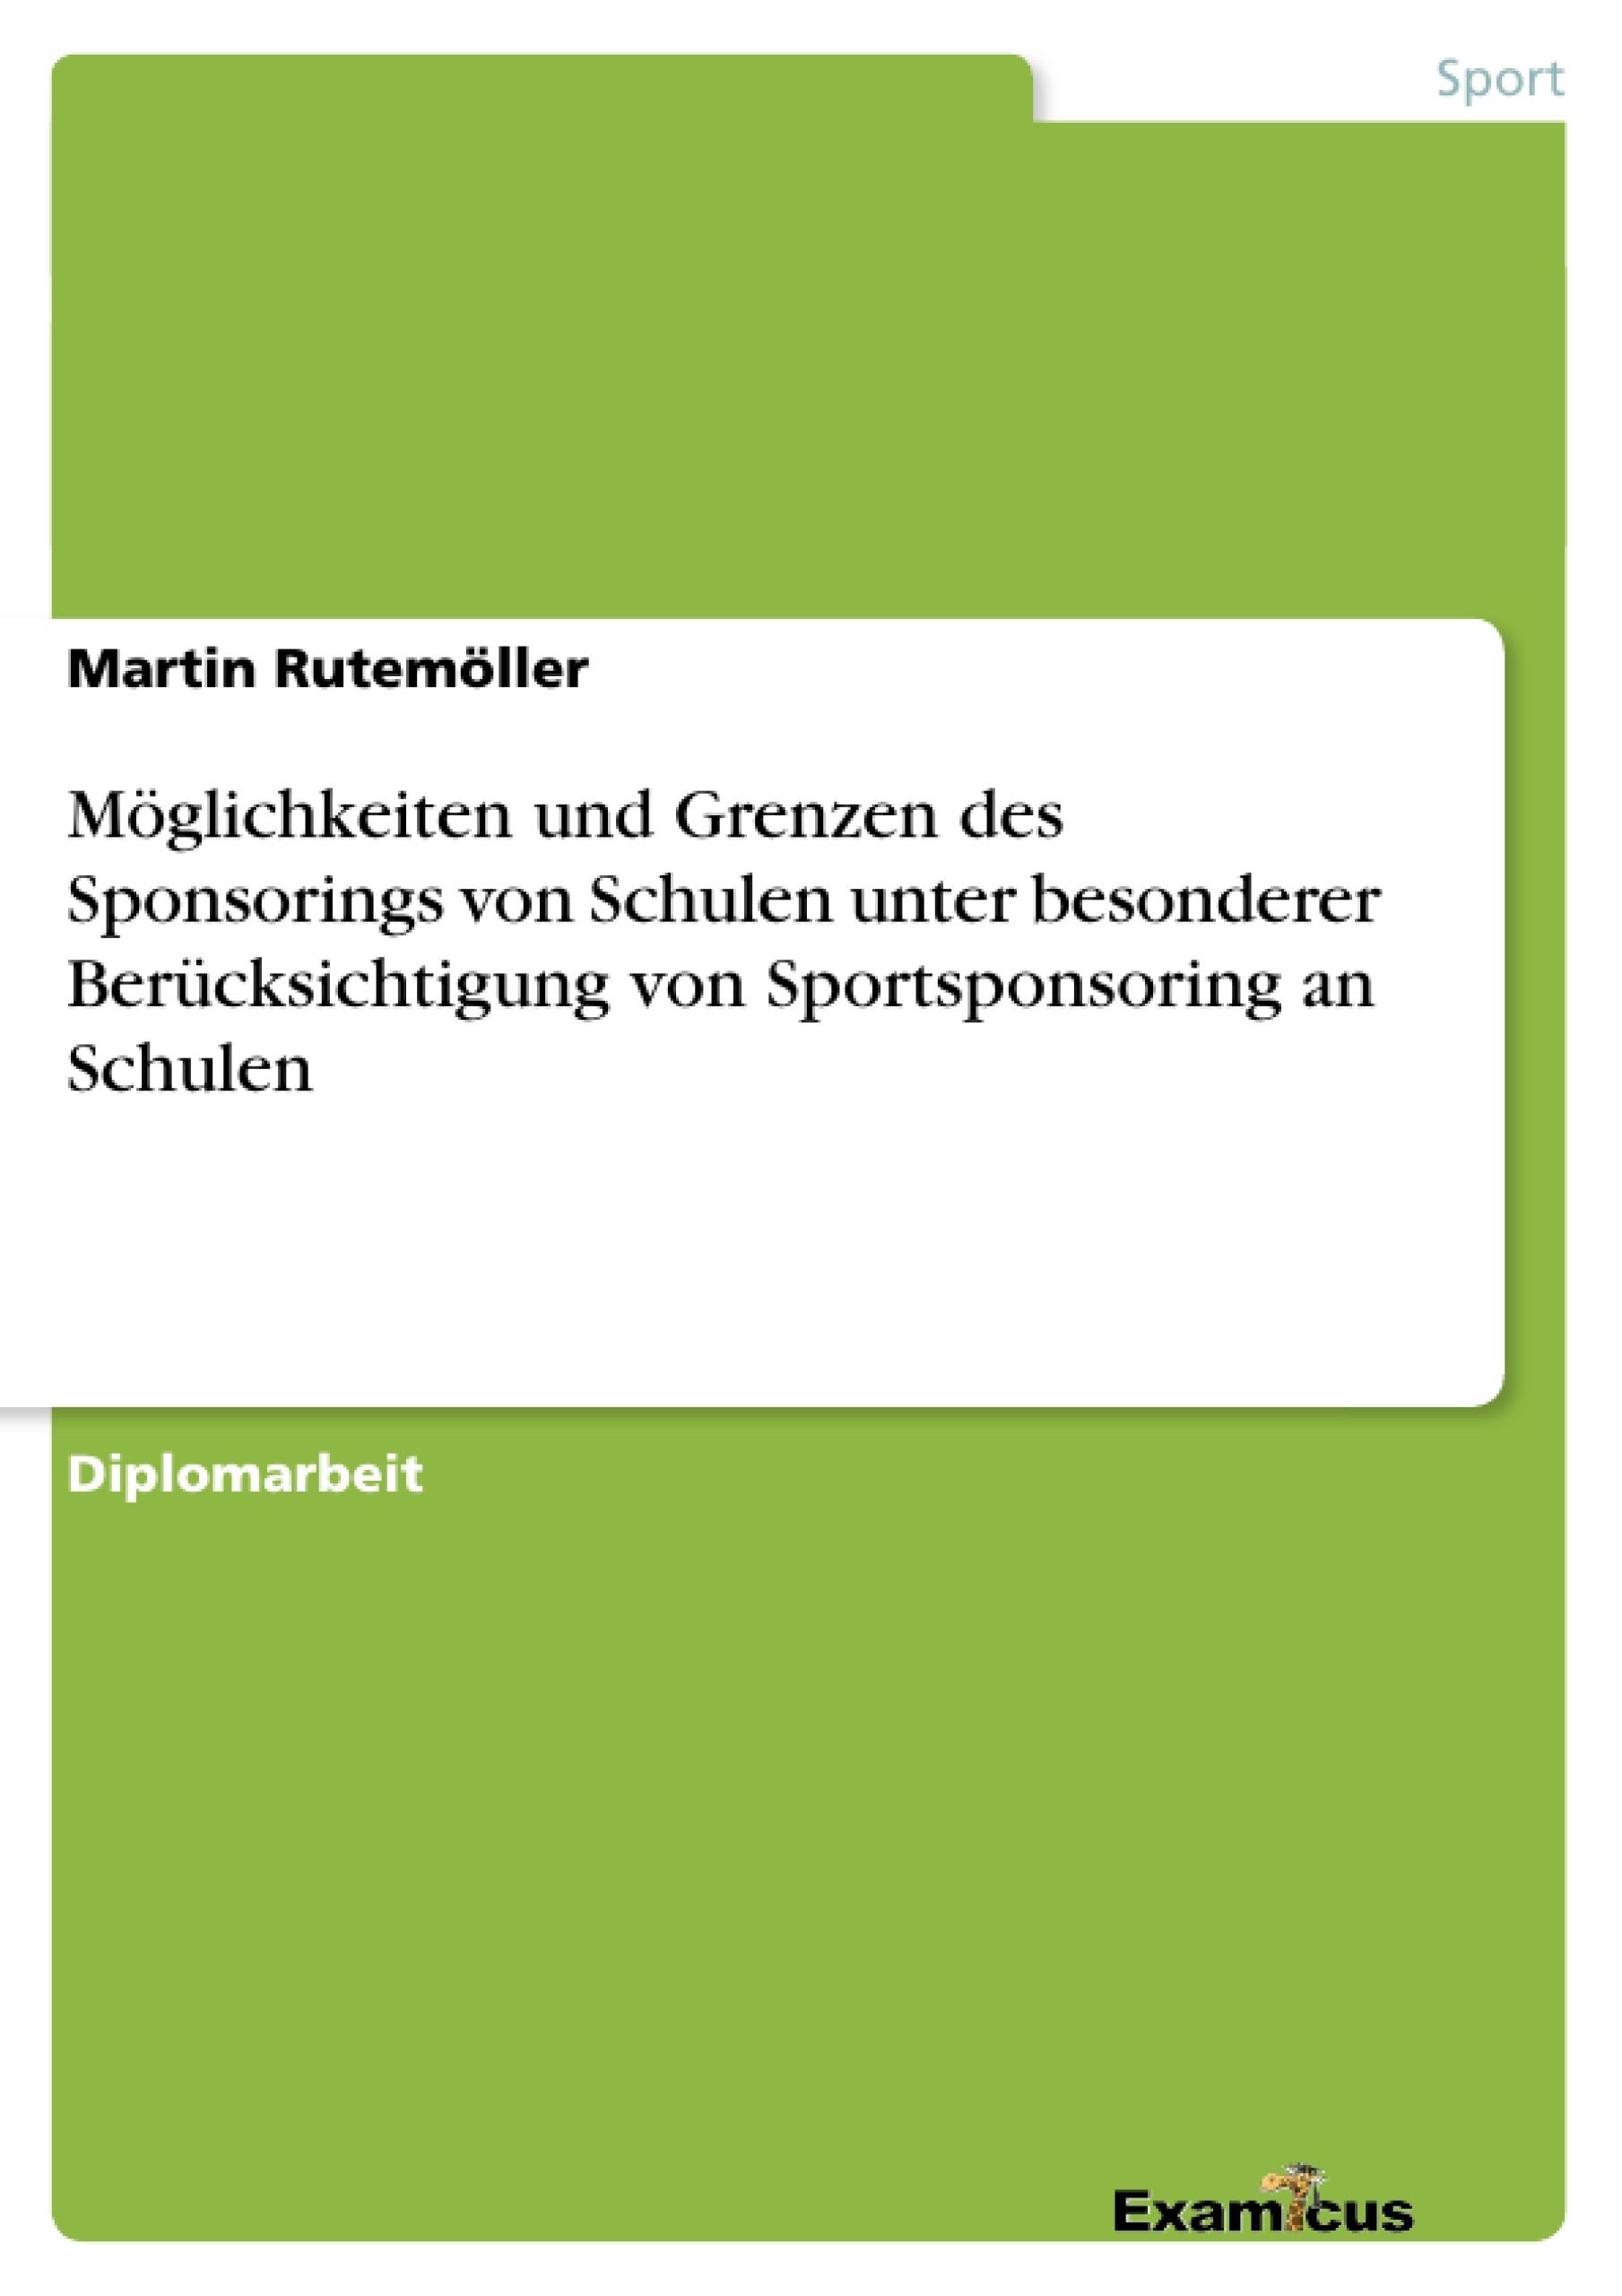 Titel: Möglichkeiten und Grenzen des Sponsorings von Schulen unter besonderer Berücksichtigung von Sportsponsoring an Schulen